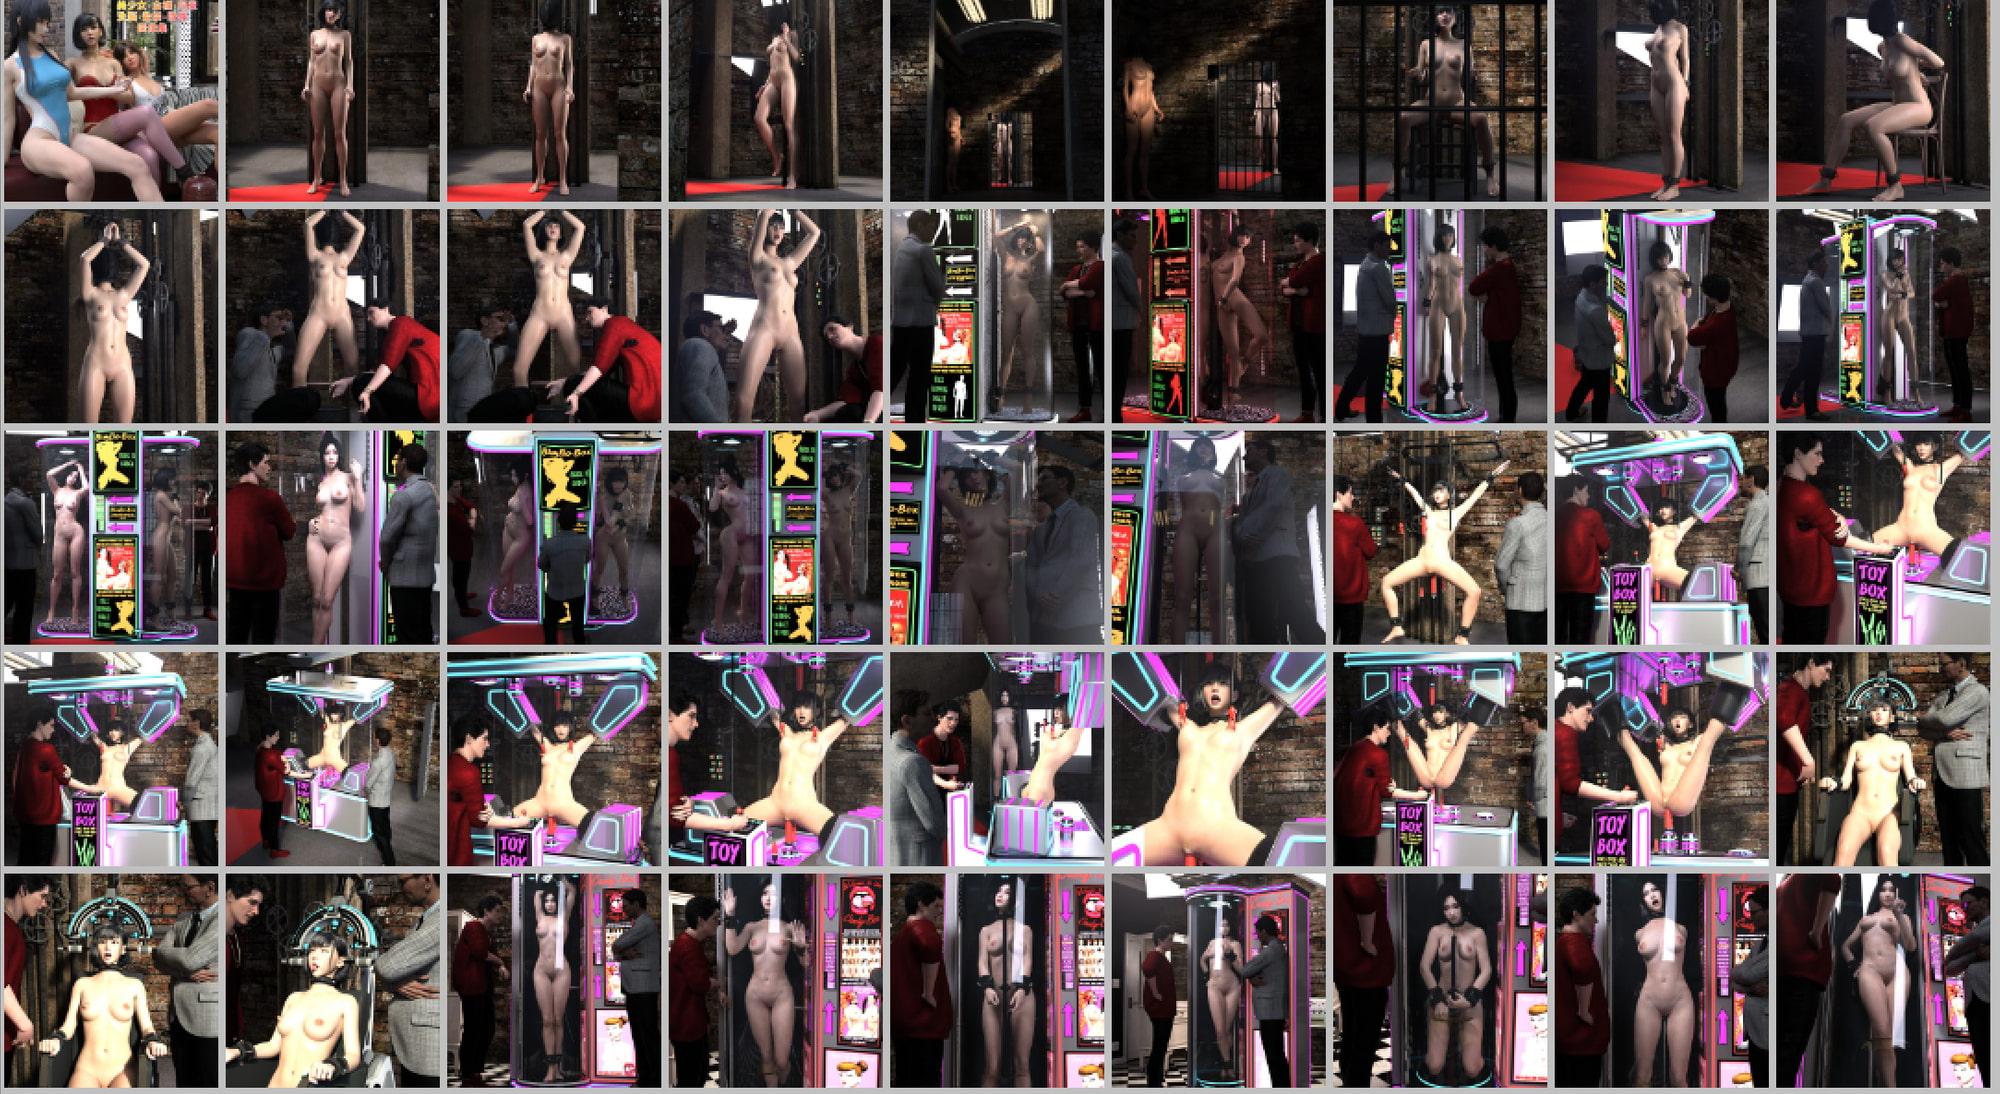 RJ322396 美少女・全裸・拘束・洗脳・監禁・陵辱画像集 [20210329]